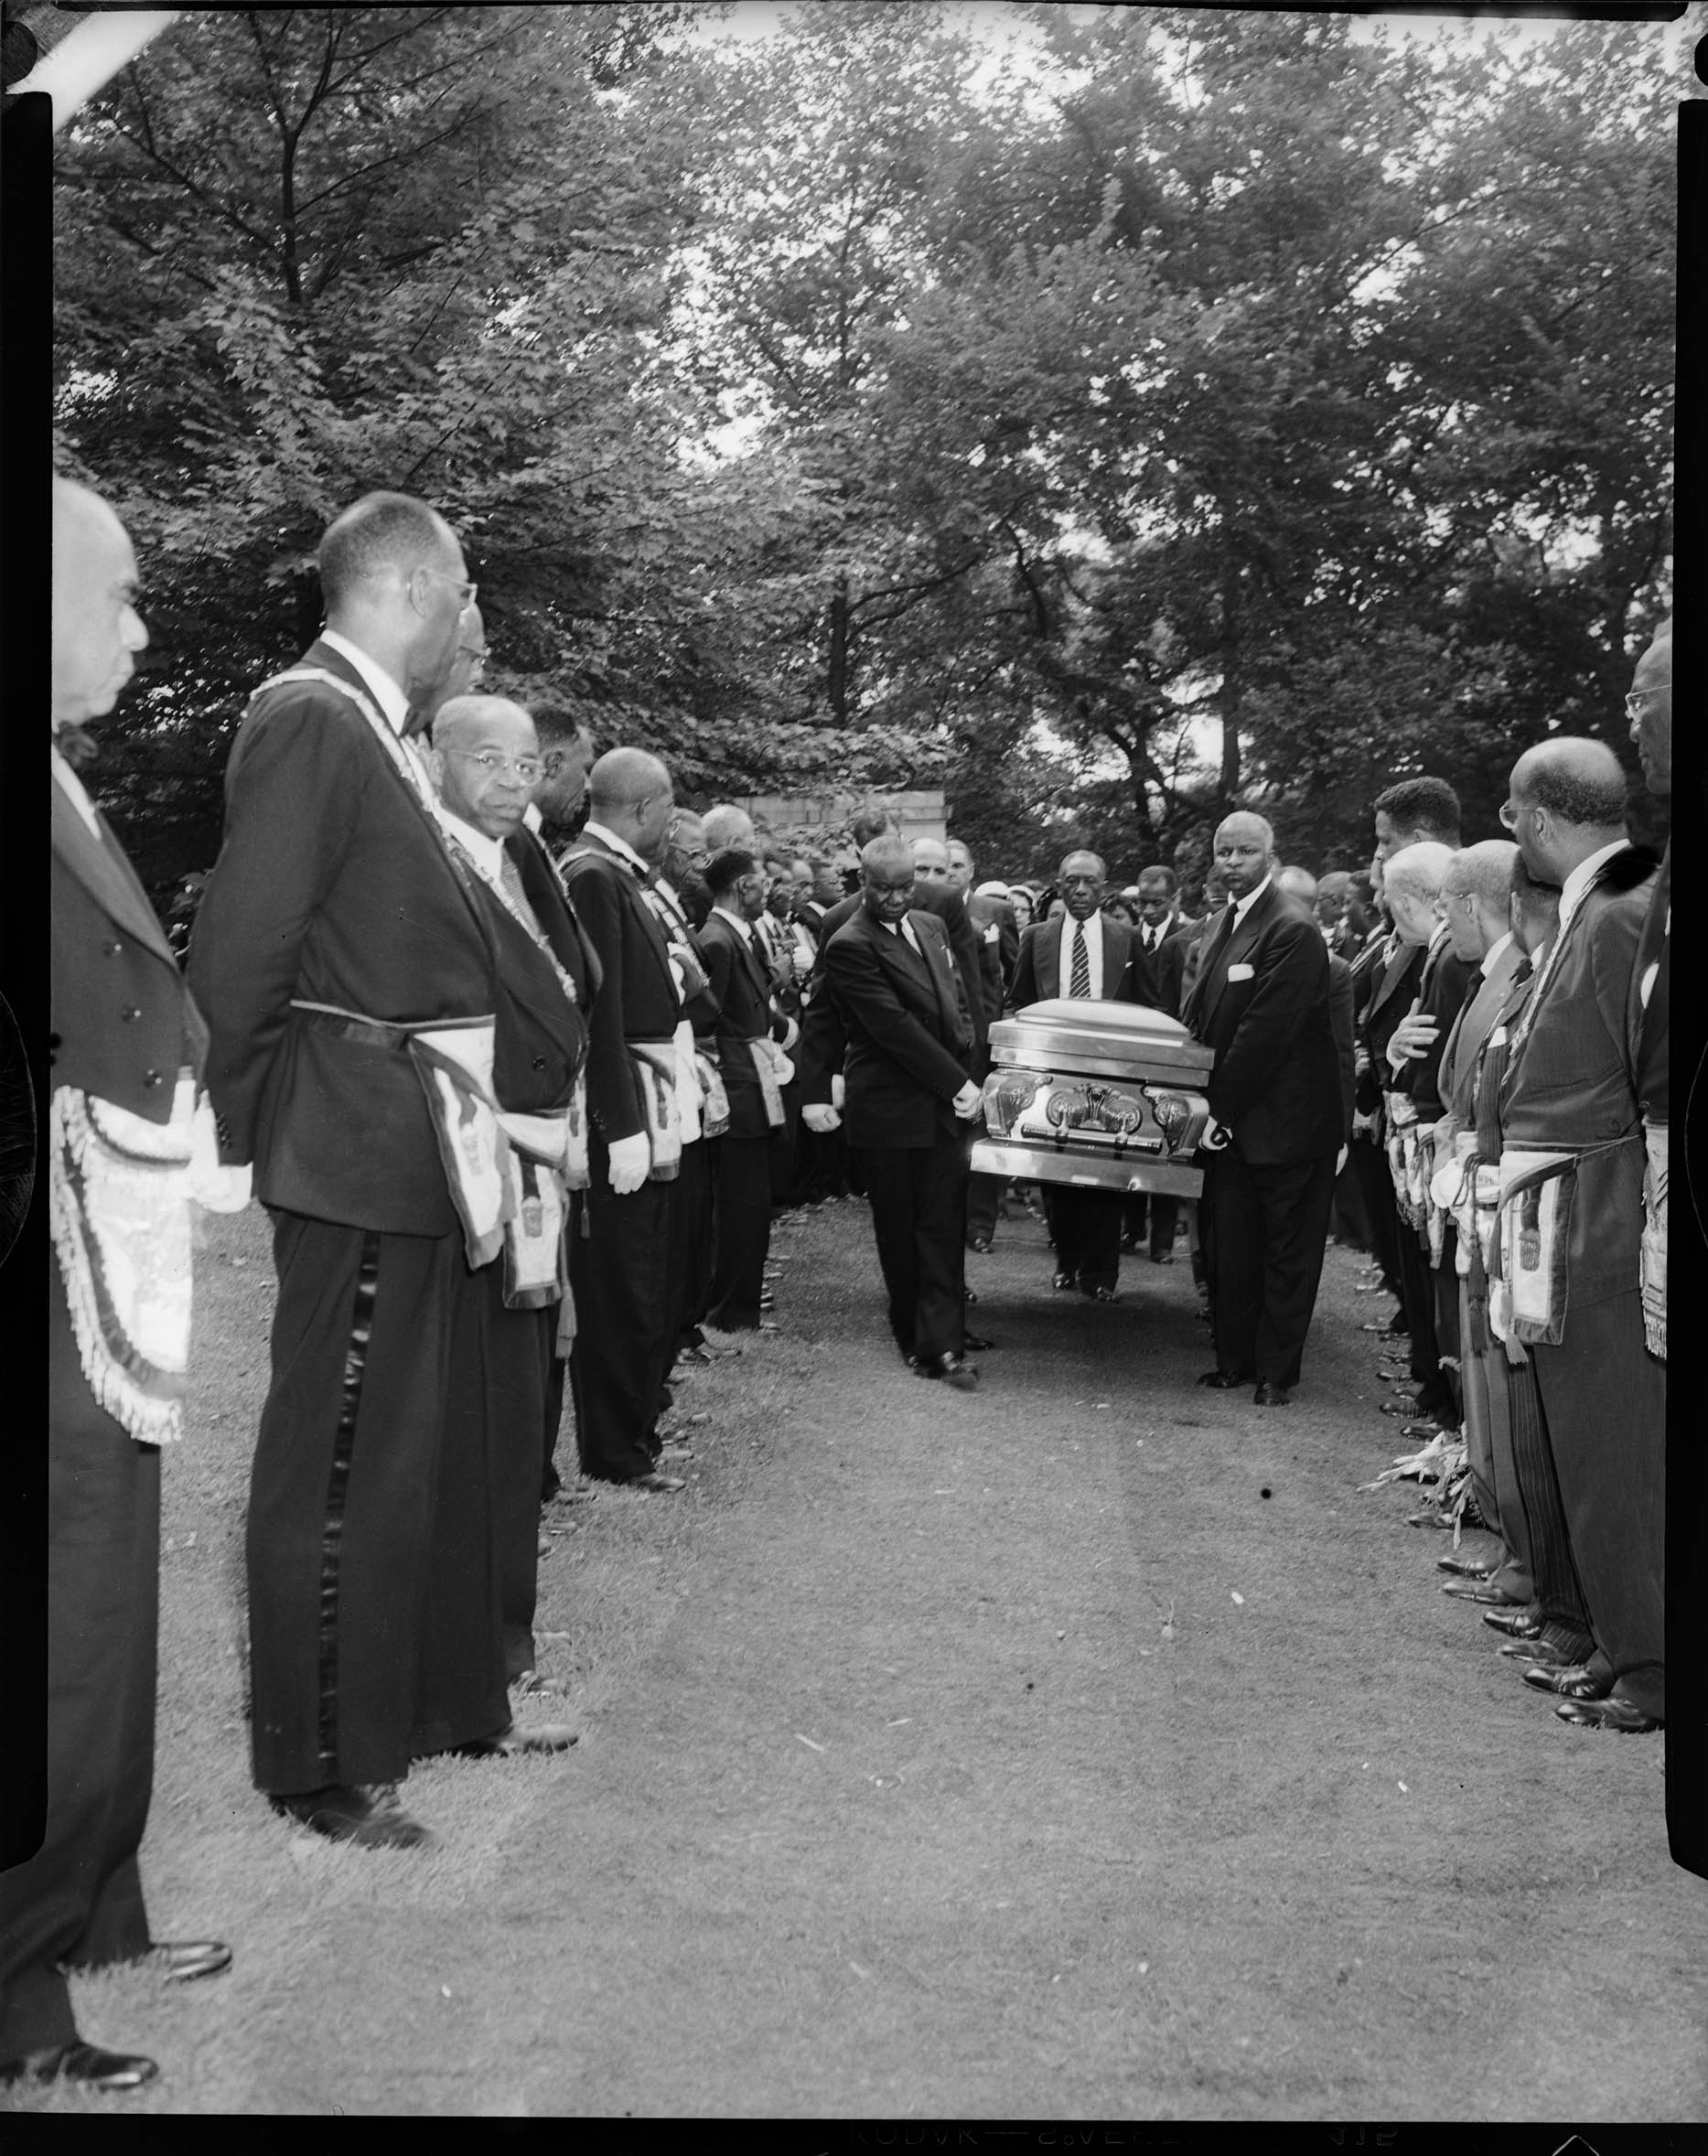 Pallbearers carrying casket through row of men wearing Masonic